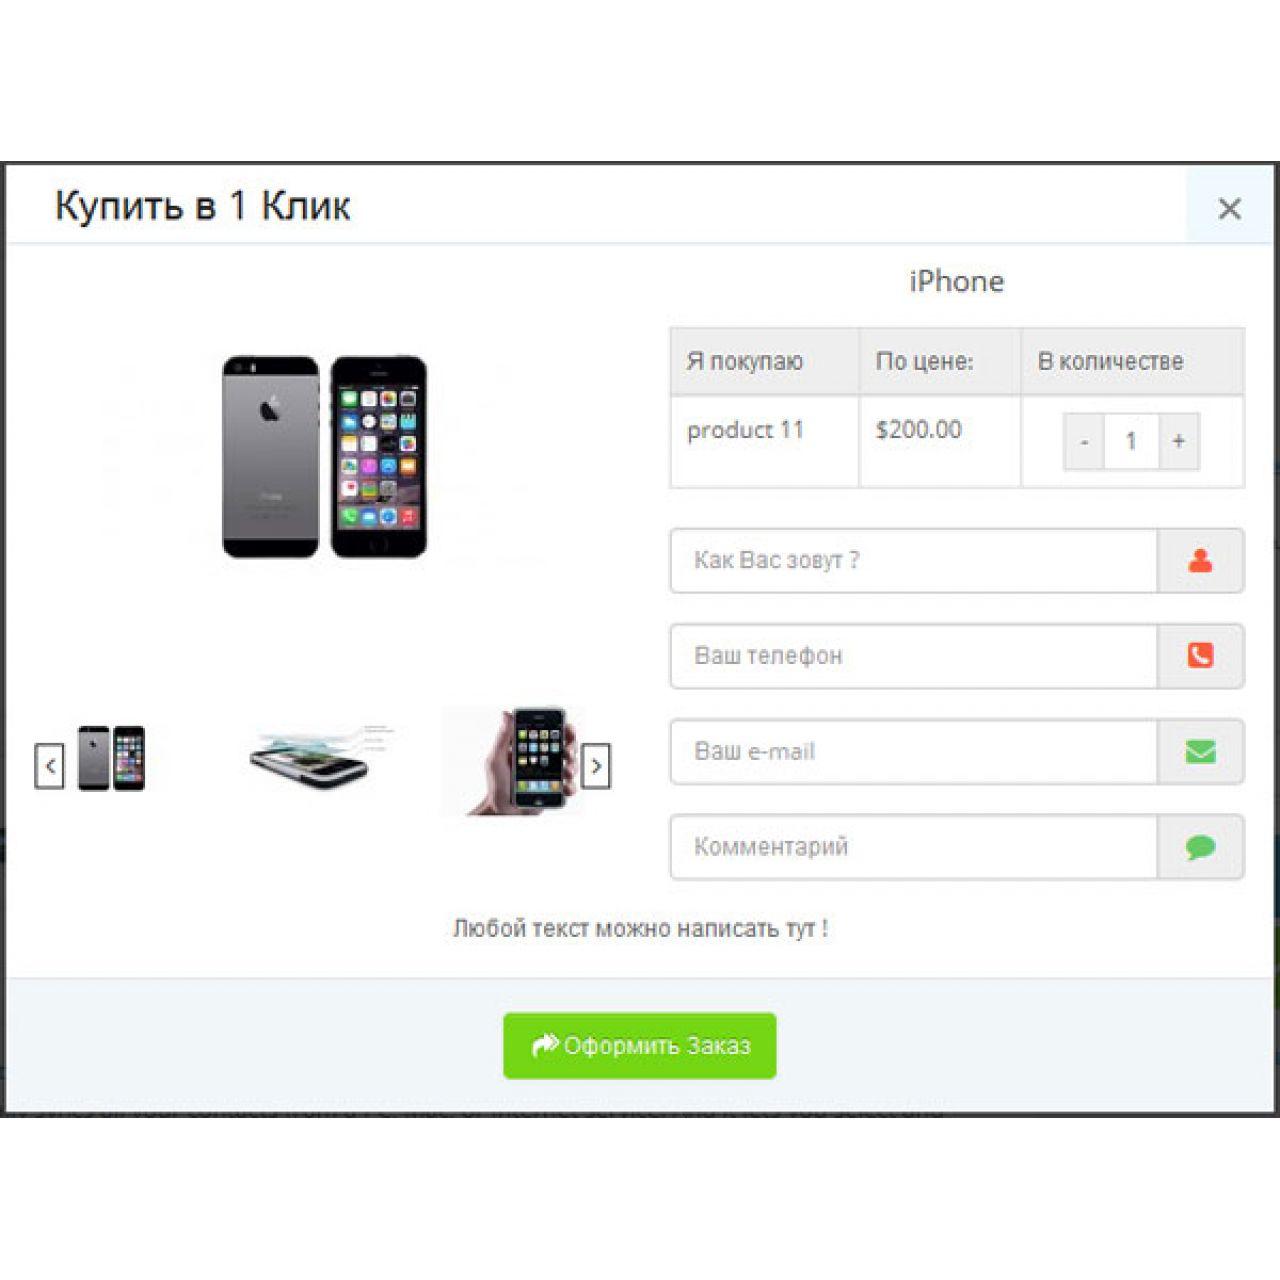 Модуль Купить в 1 клик PRO для ocStore/Opencart 2.x из категории Заказ, корзина для CMS OpenCart (ОпенКарт)